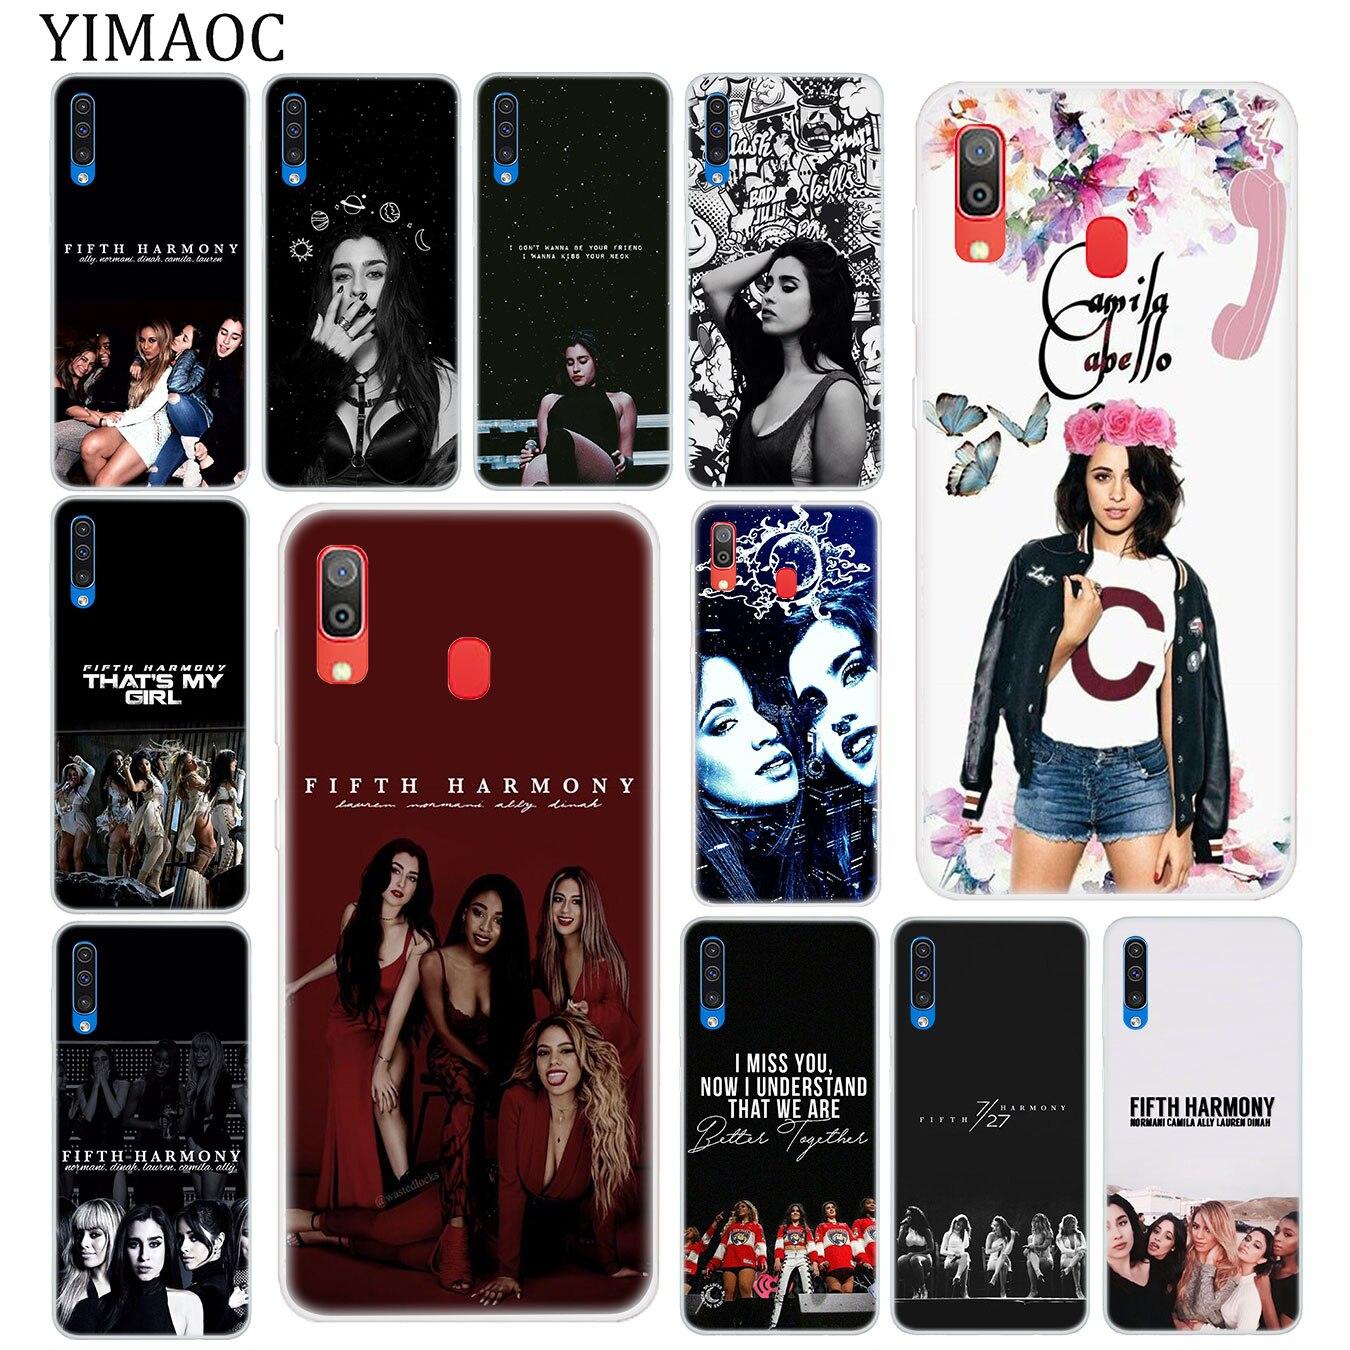 YIMAOC Camila Cabello Fifth Harmony Soft Silicone Case for Samsung Galaxy A70 A60 A50 A40 A30 A20 A10 M10 M20 M30 M40 Cover